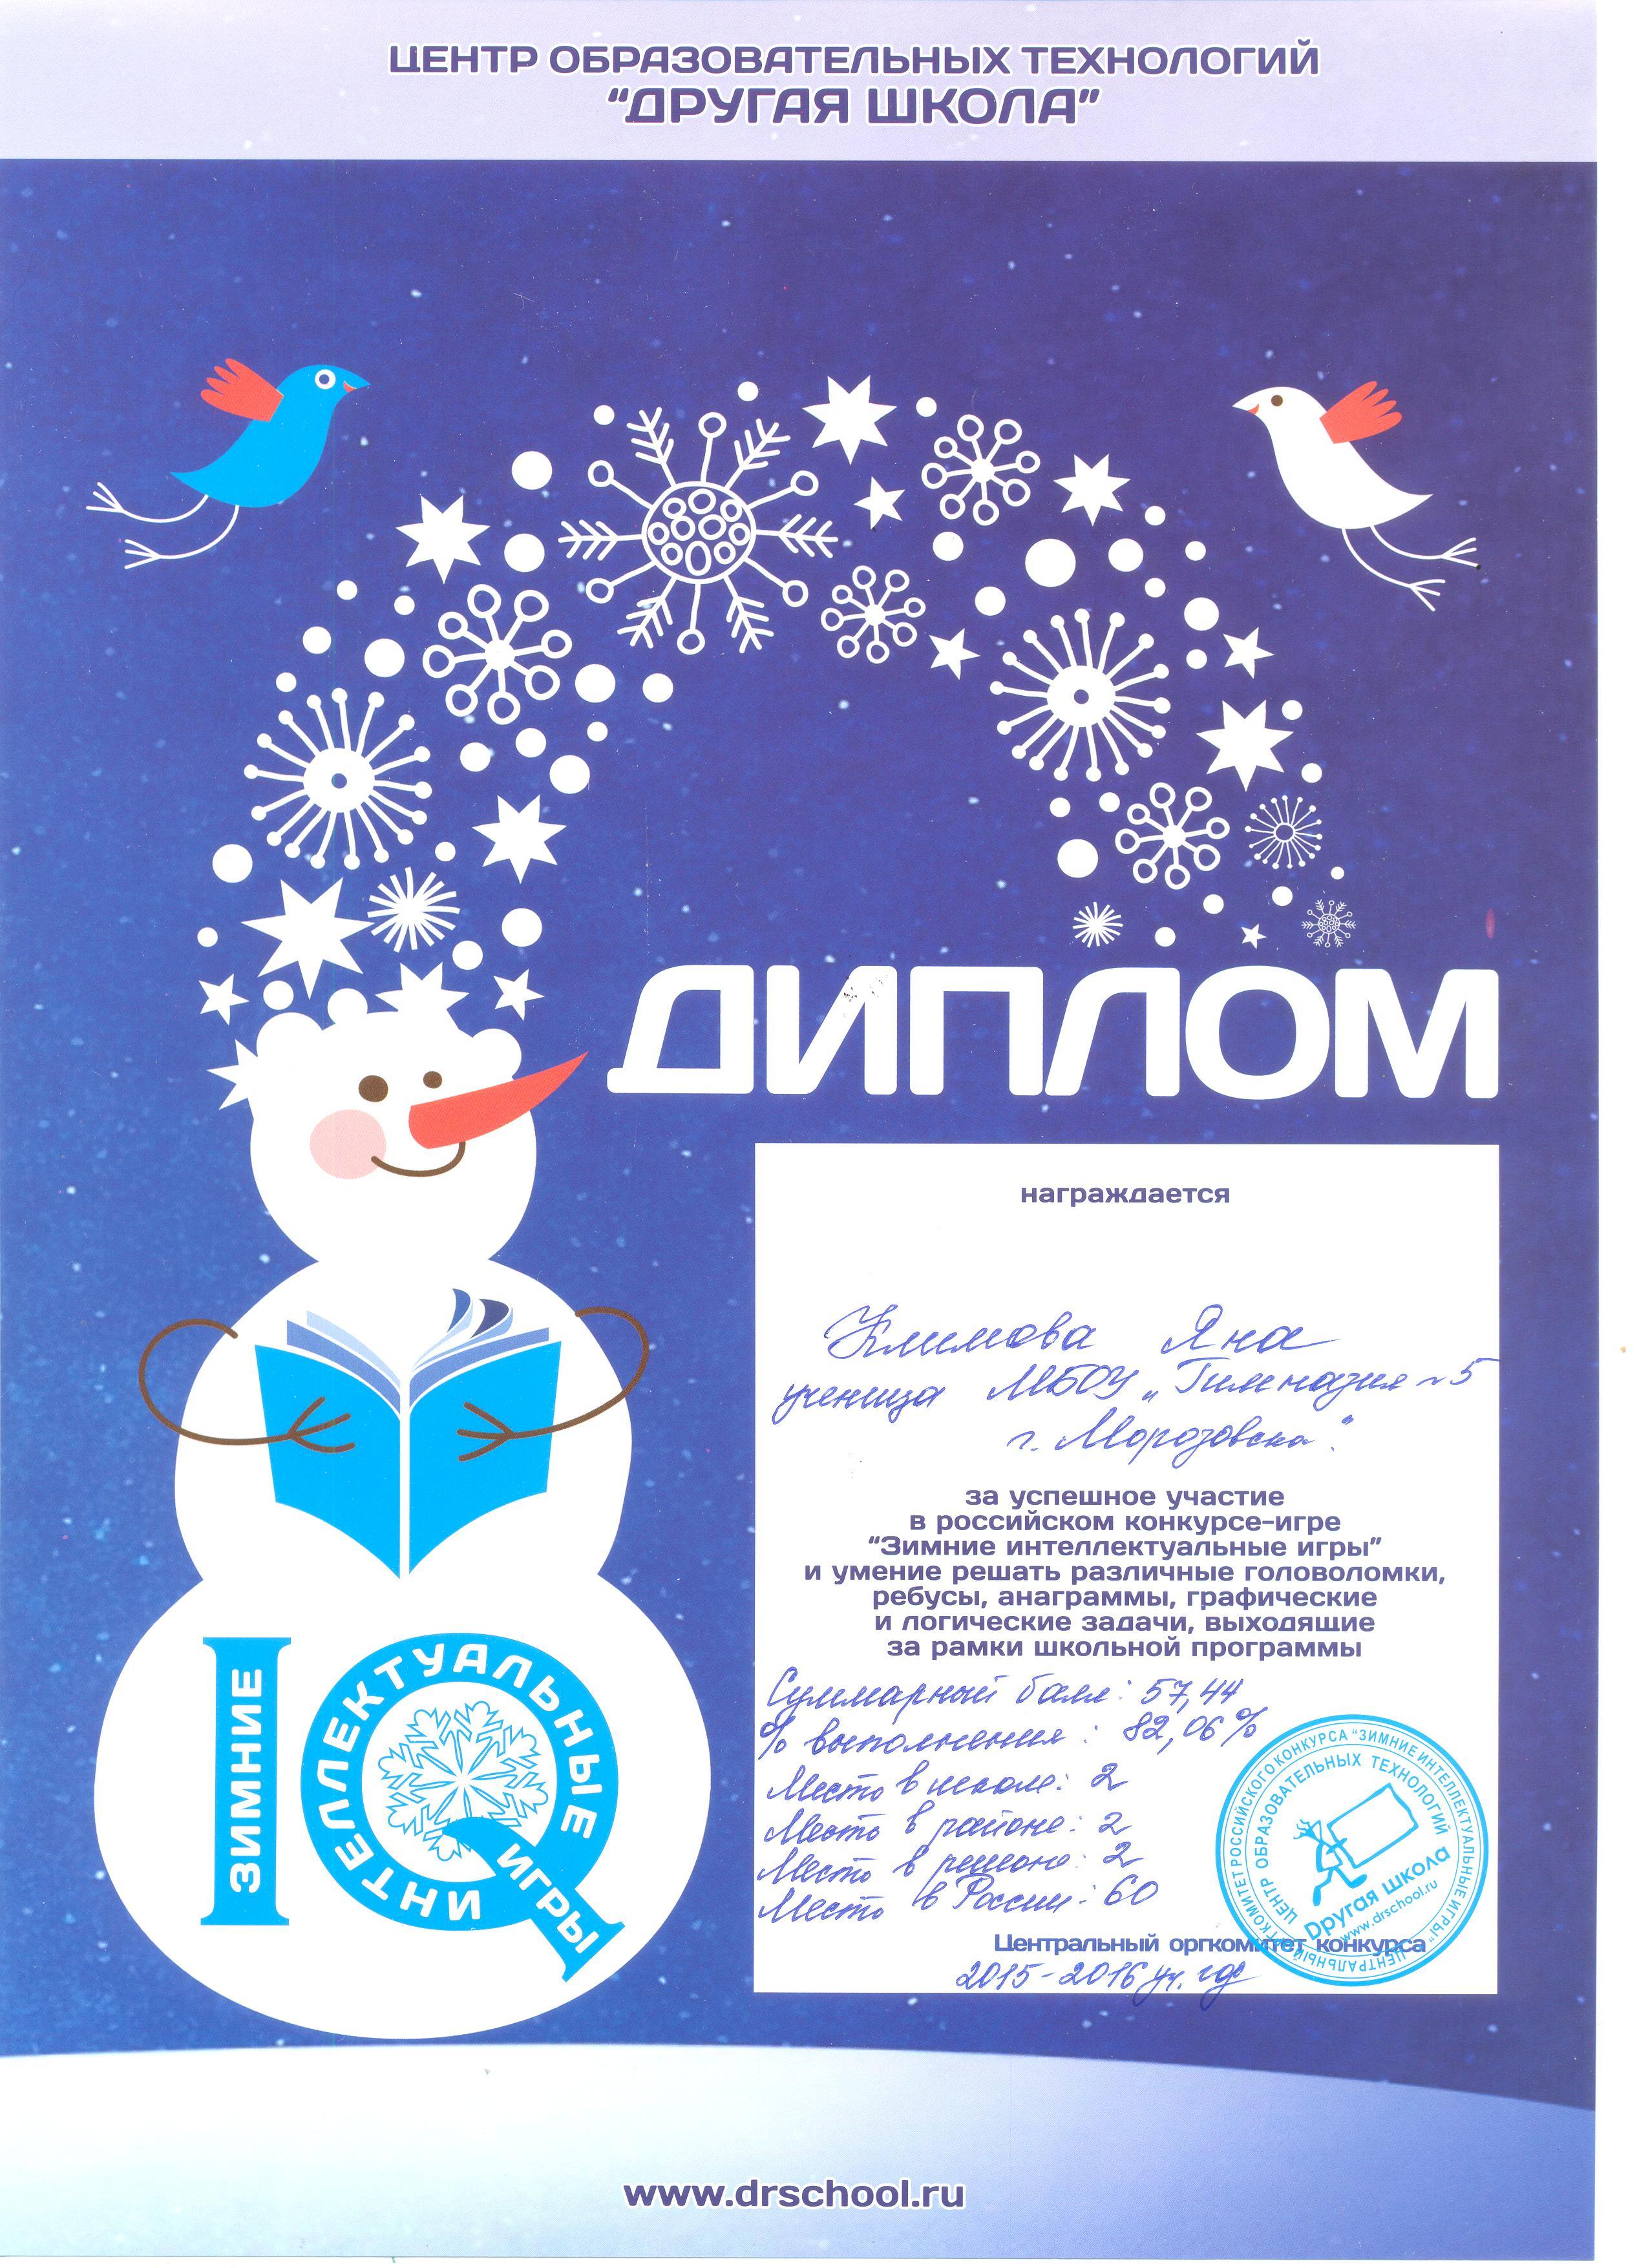 Зимние интеллектуальные игры 3-4-5 класс 2014